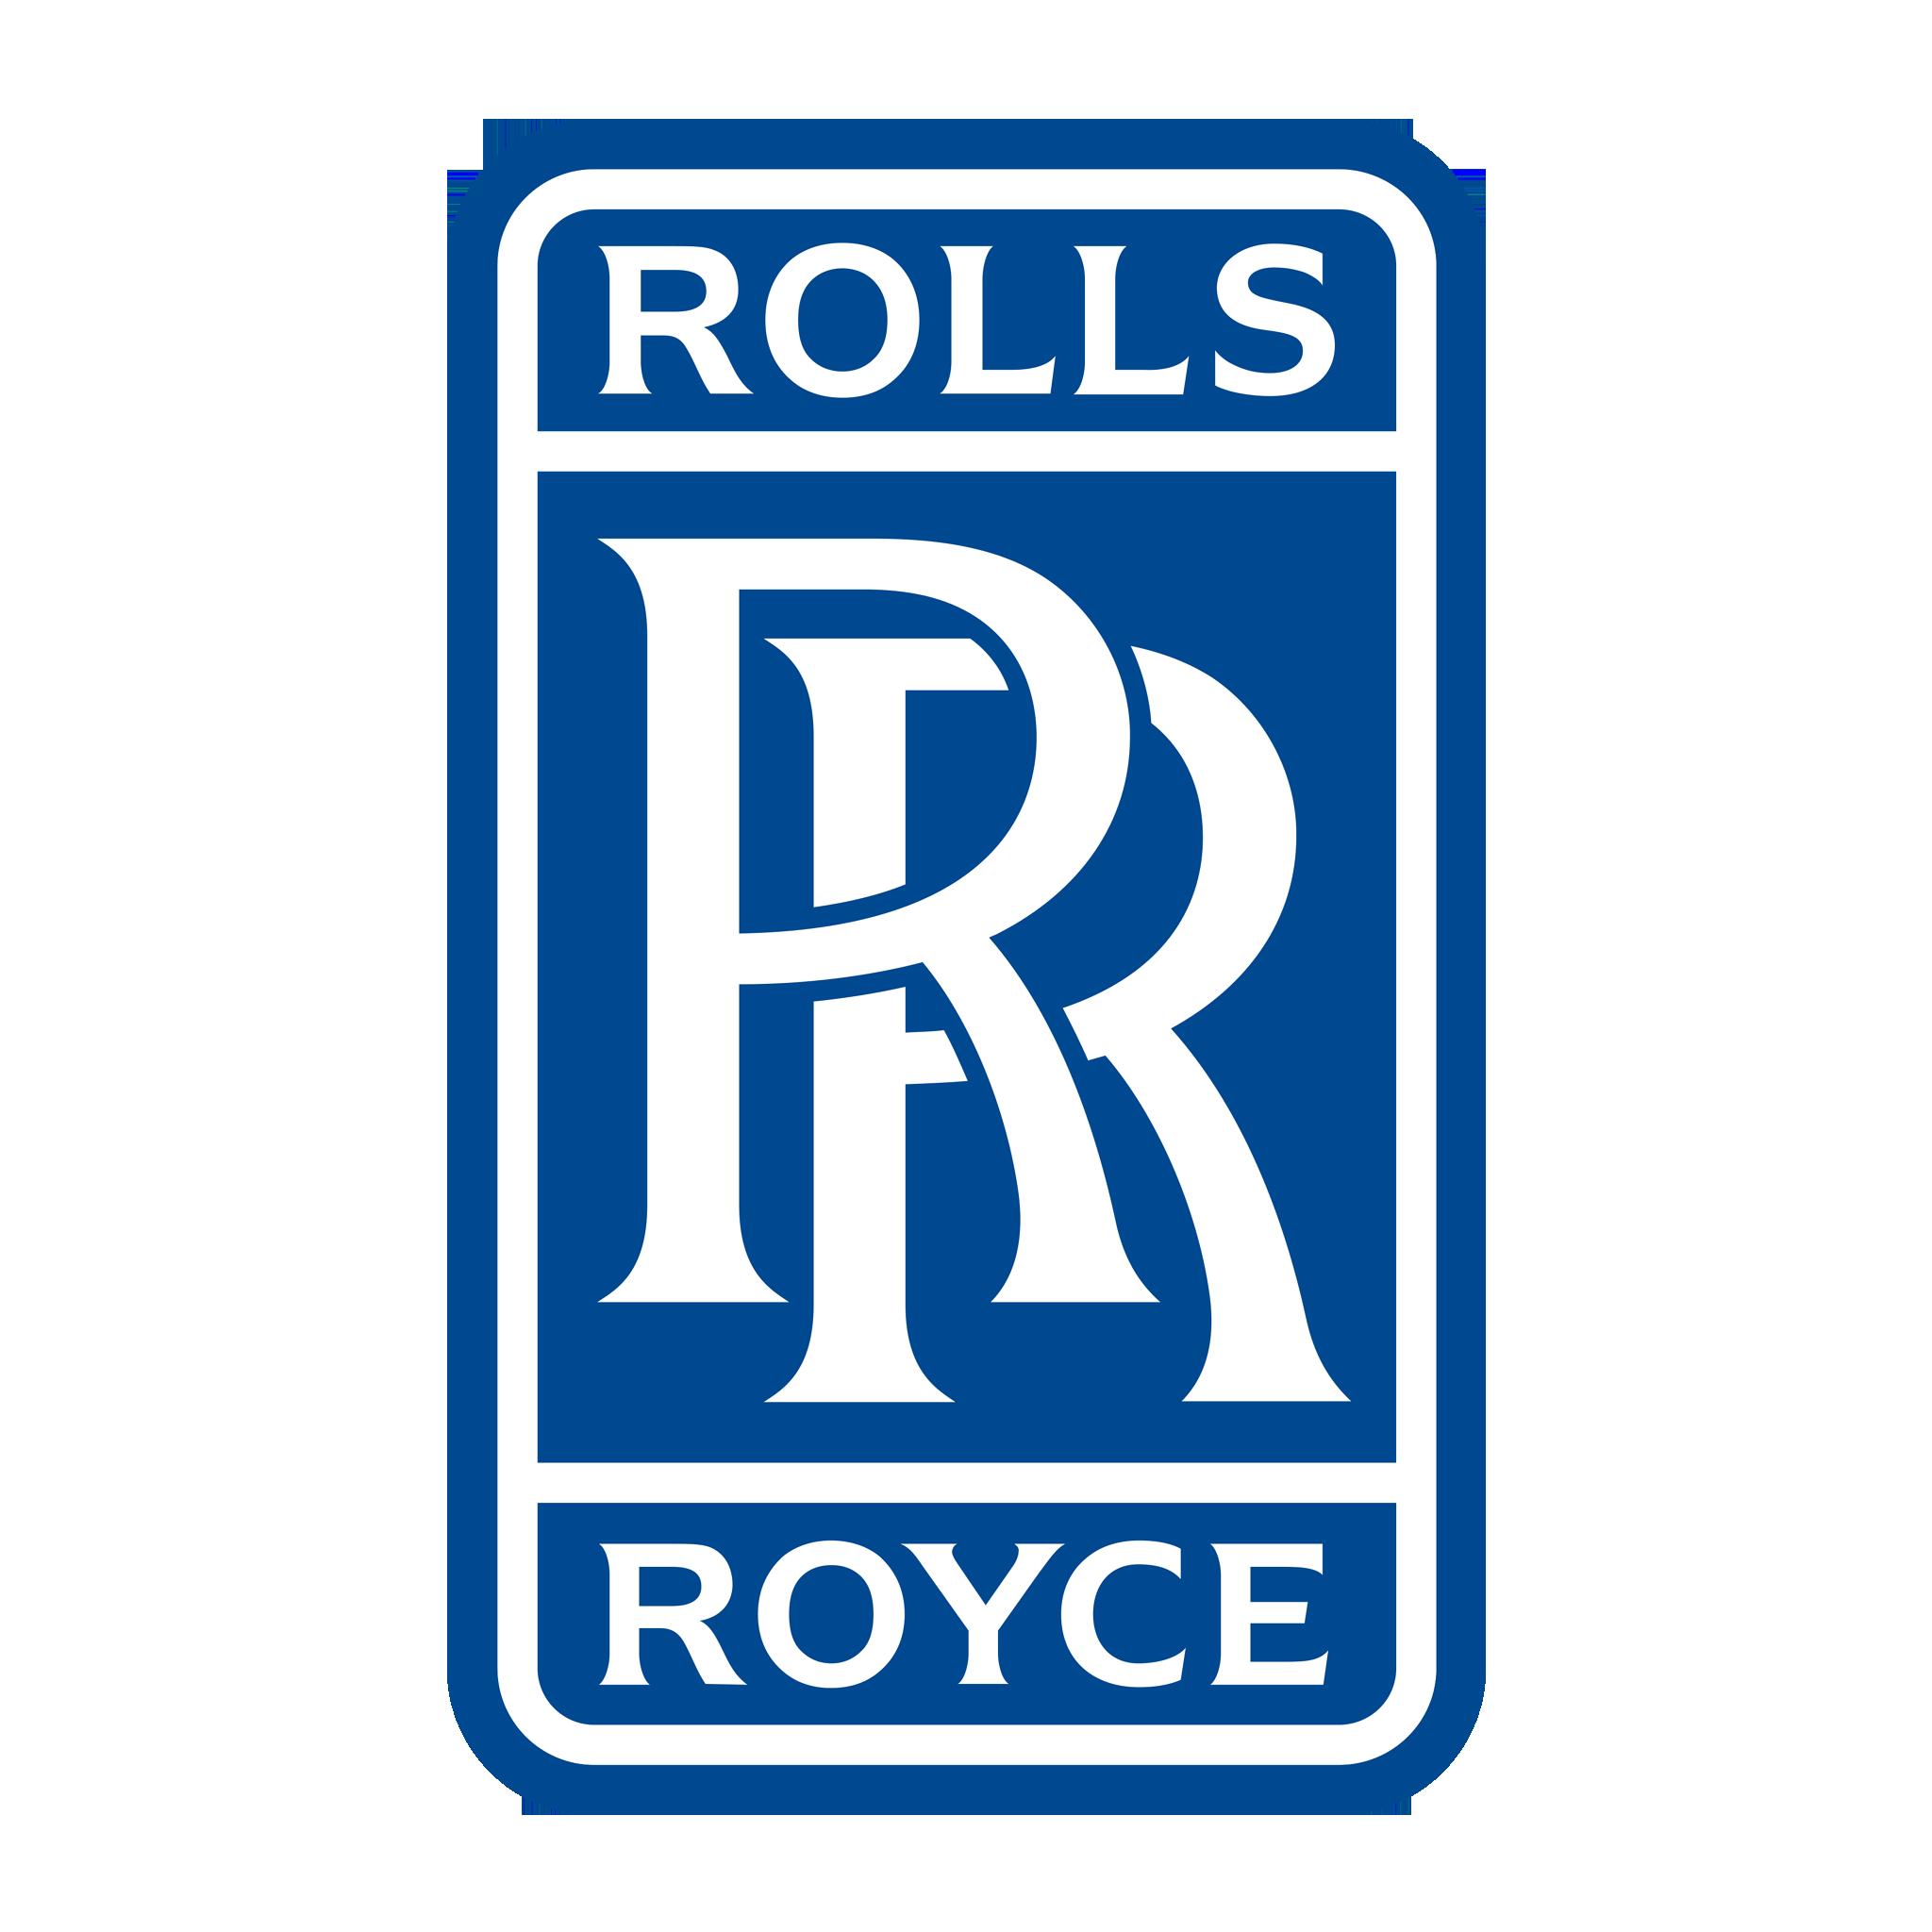 rolls royce logo - HD2048×2048